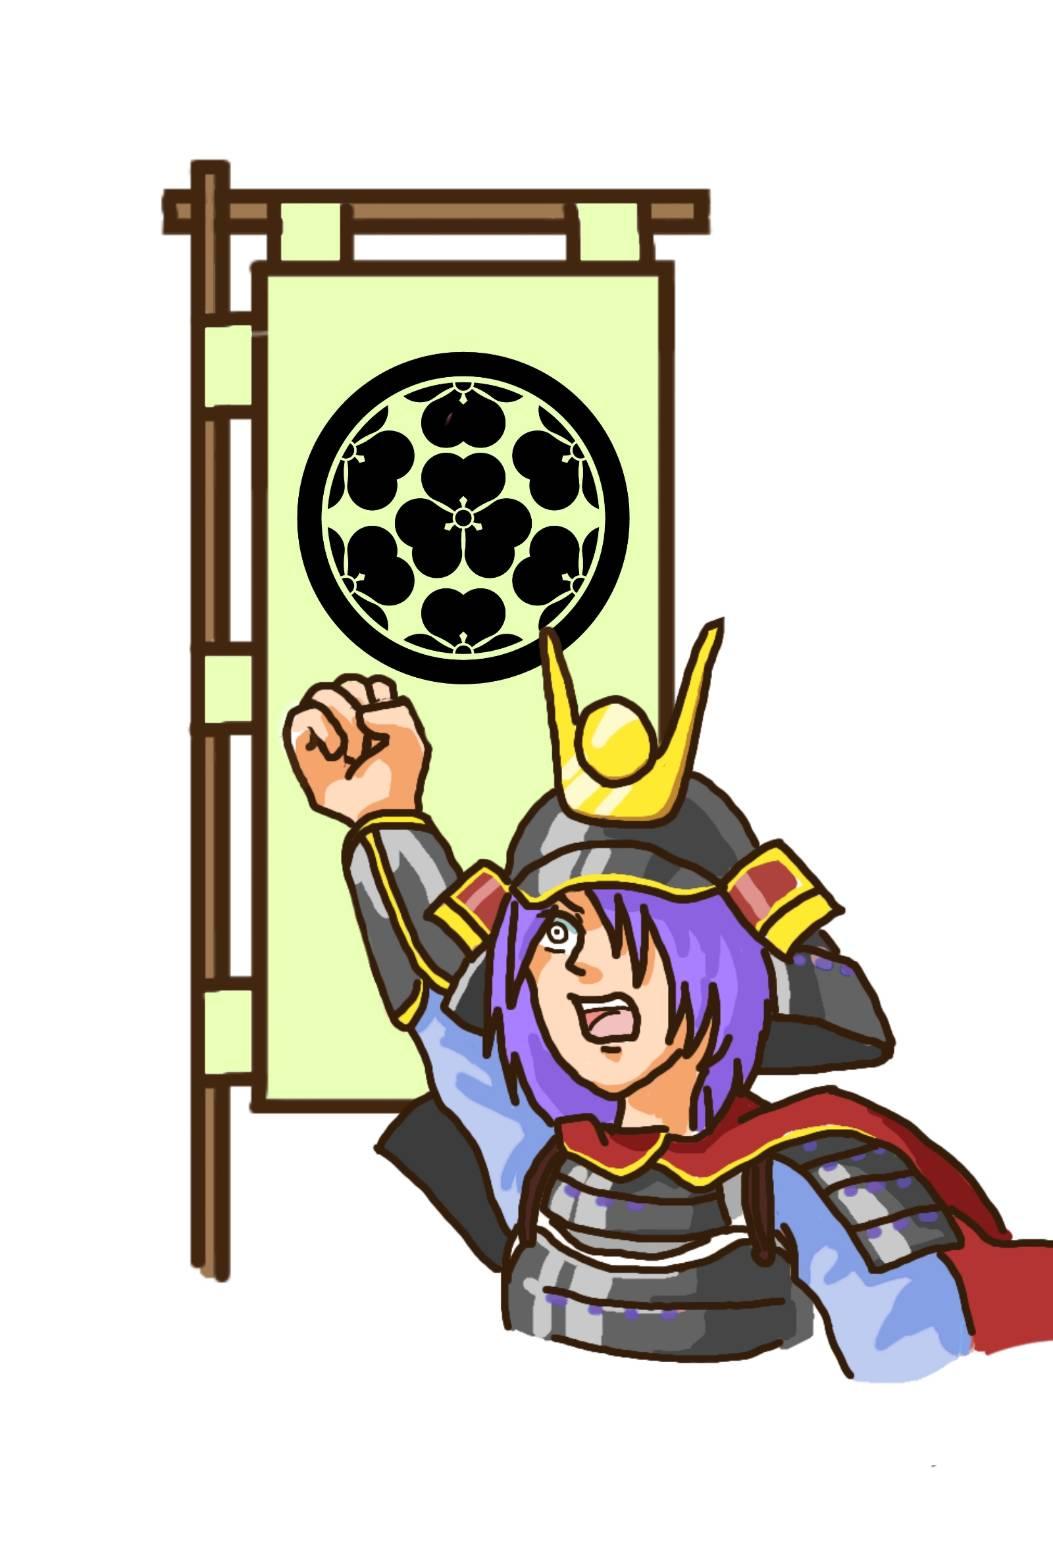 真田幸村の六文銭の意味は?旗を見ればモットーが分かる!【歴史教養クイズ】の画像22